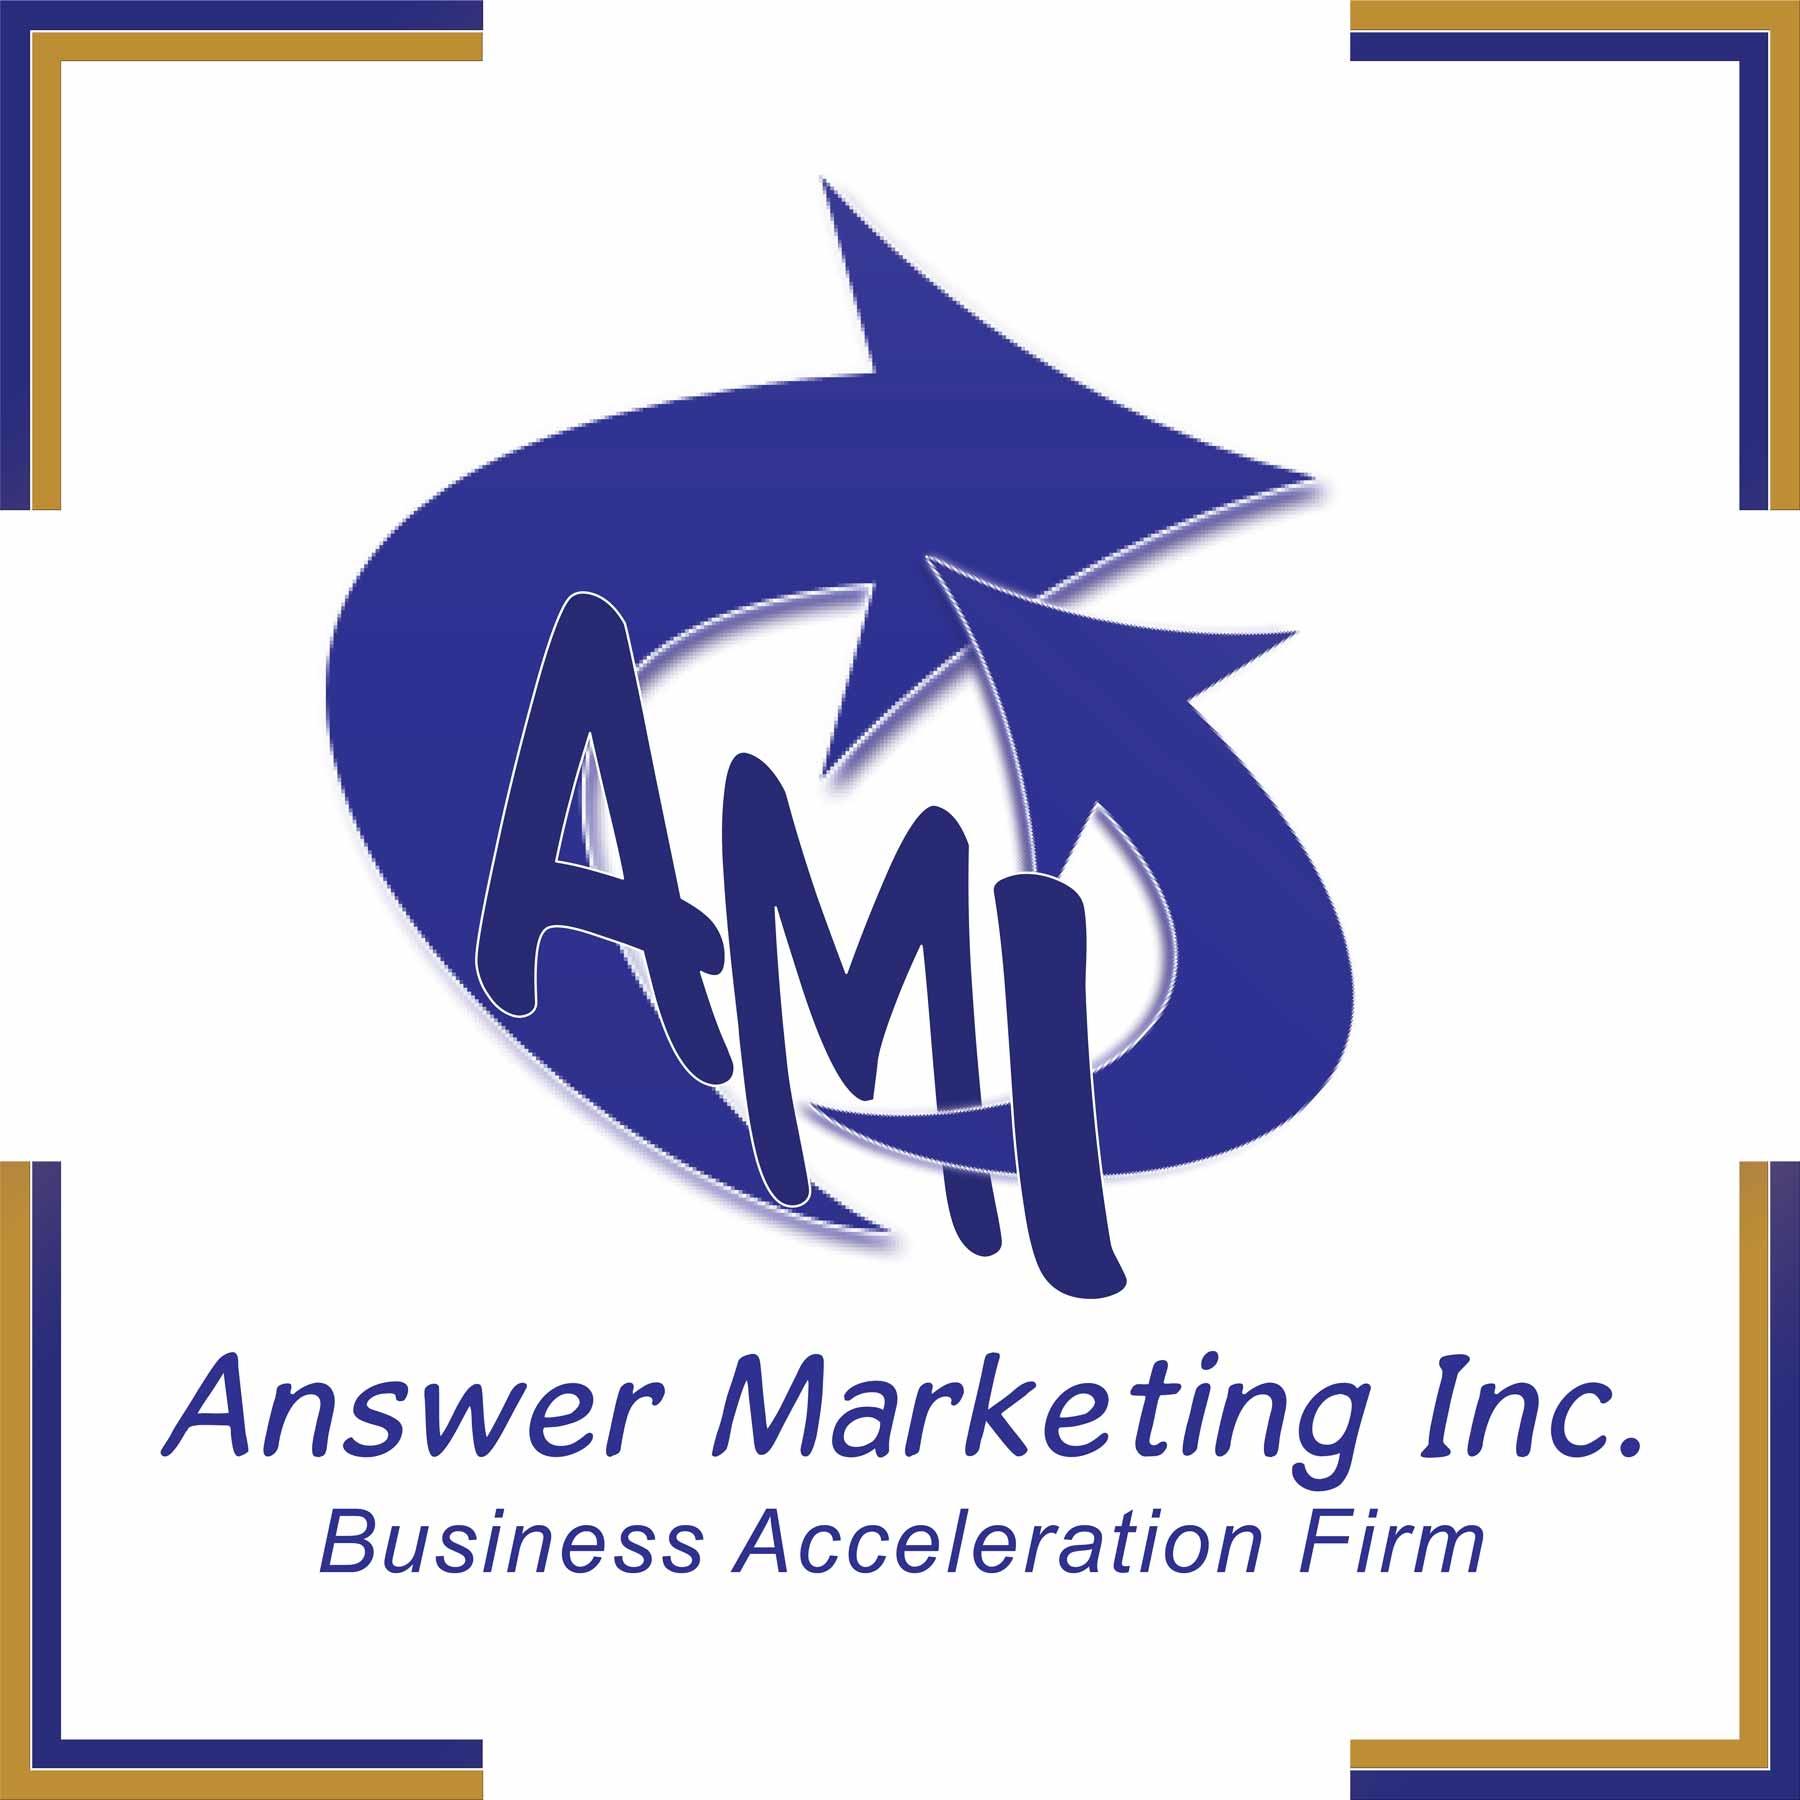 Answer Marketing